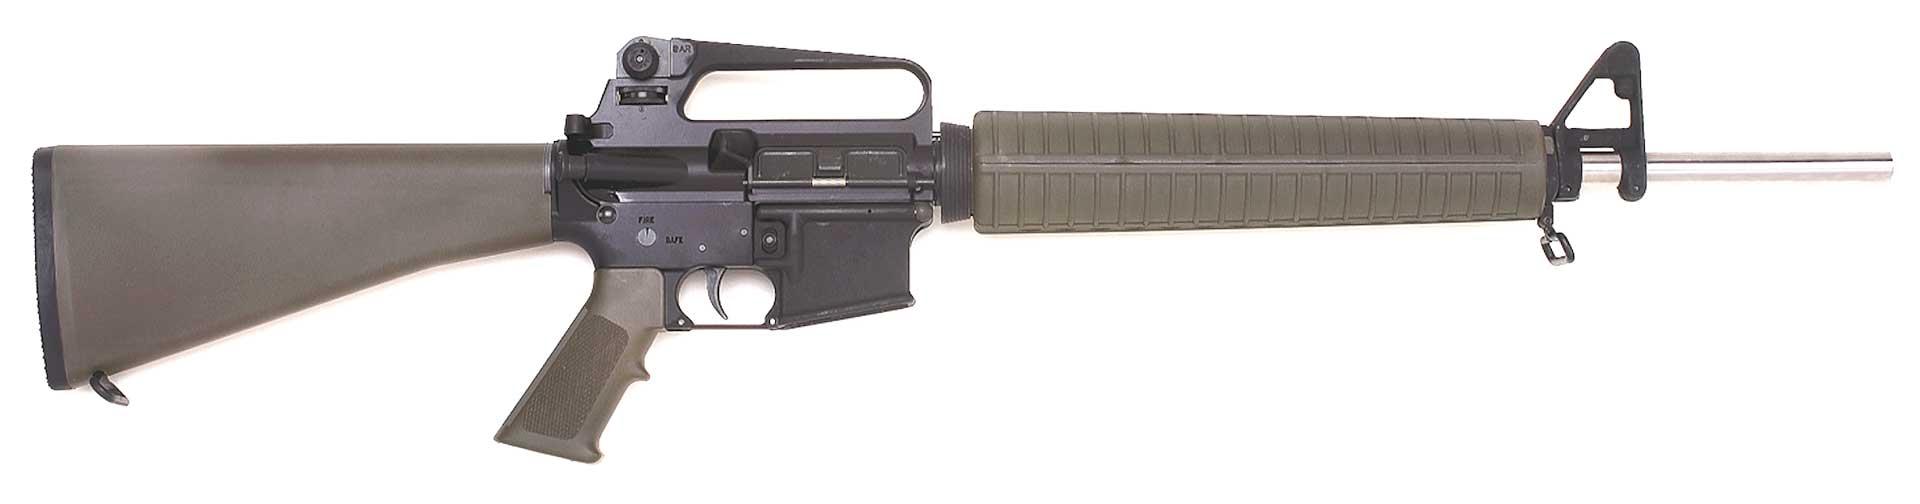 right side rifle ar15 armalite gun